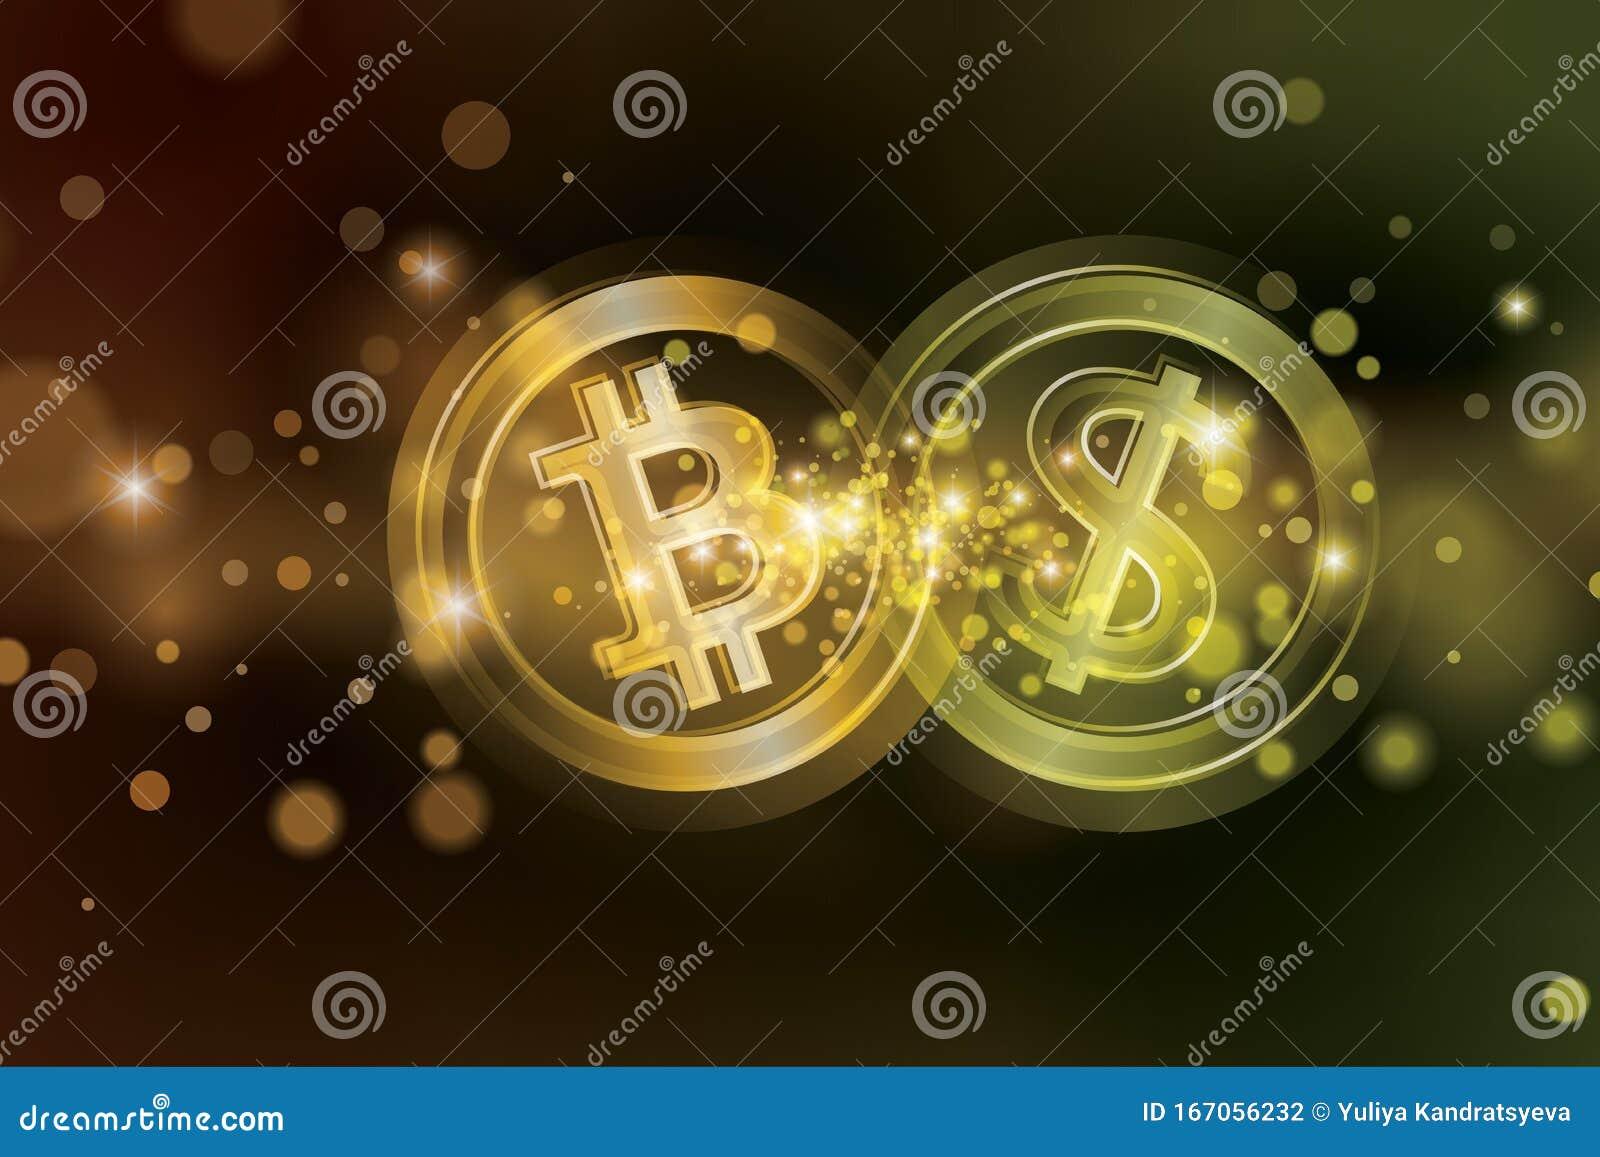 exchange btc to usd online